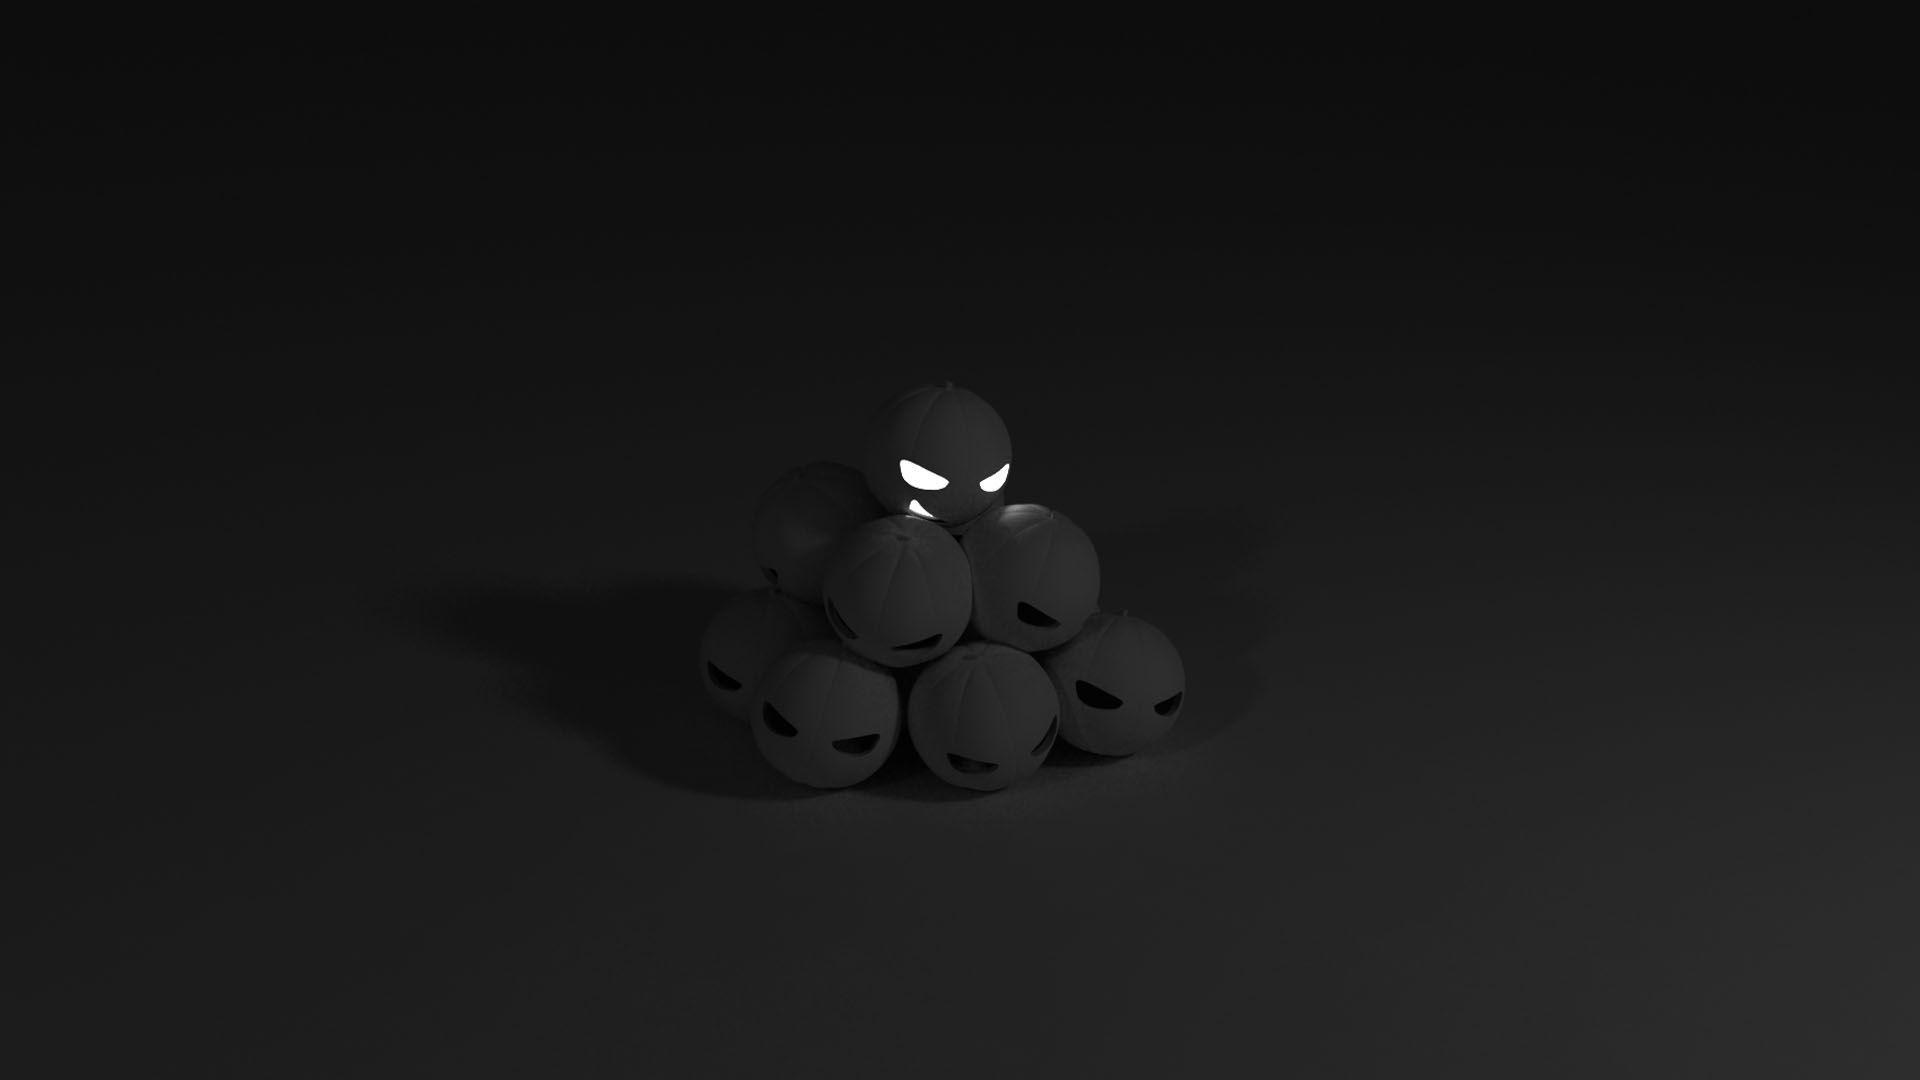 Черные обои на компьютер высокого качества